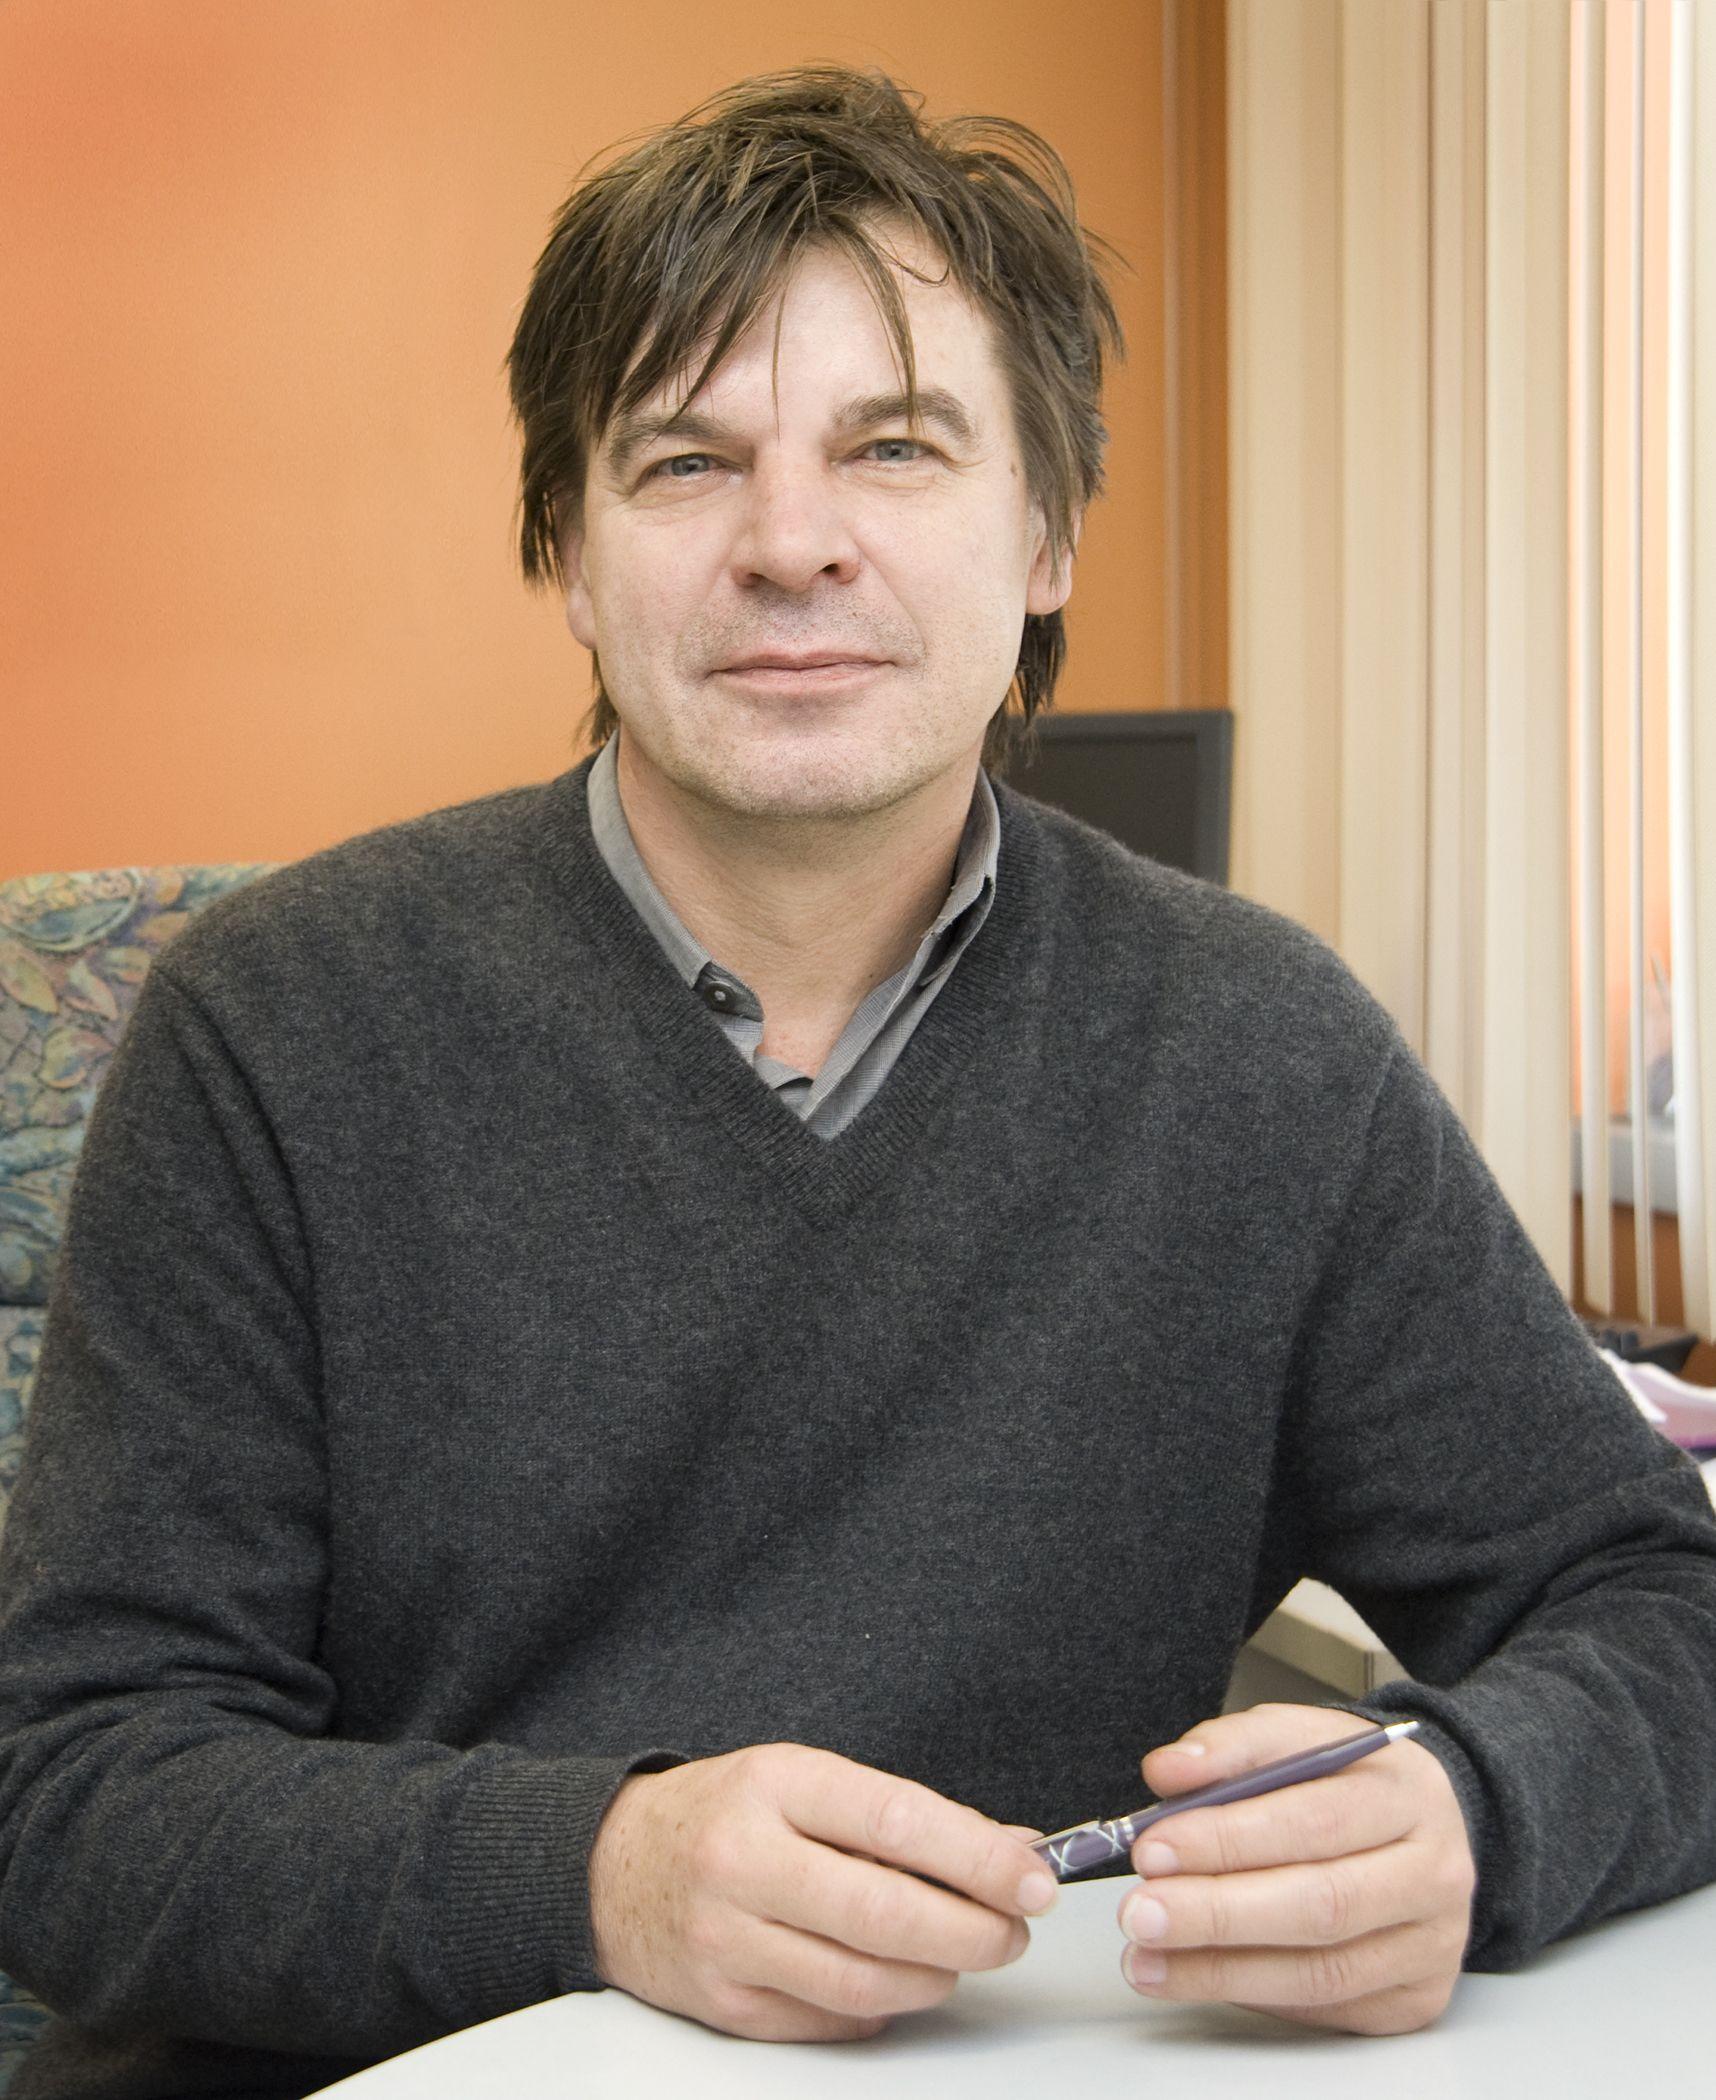 Le Dr Kaczorowski joue un rôle de chef de file au sein des milieux de la recherche sur l'hypertension artérielle, l'AVC et les soins primaires au Canada. - © Université de Montréal